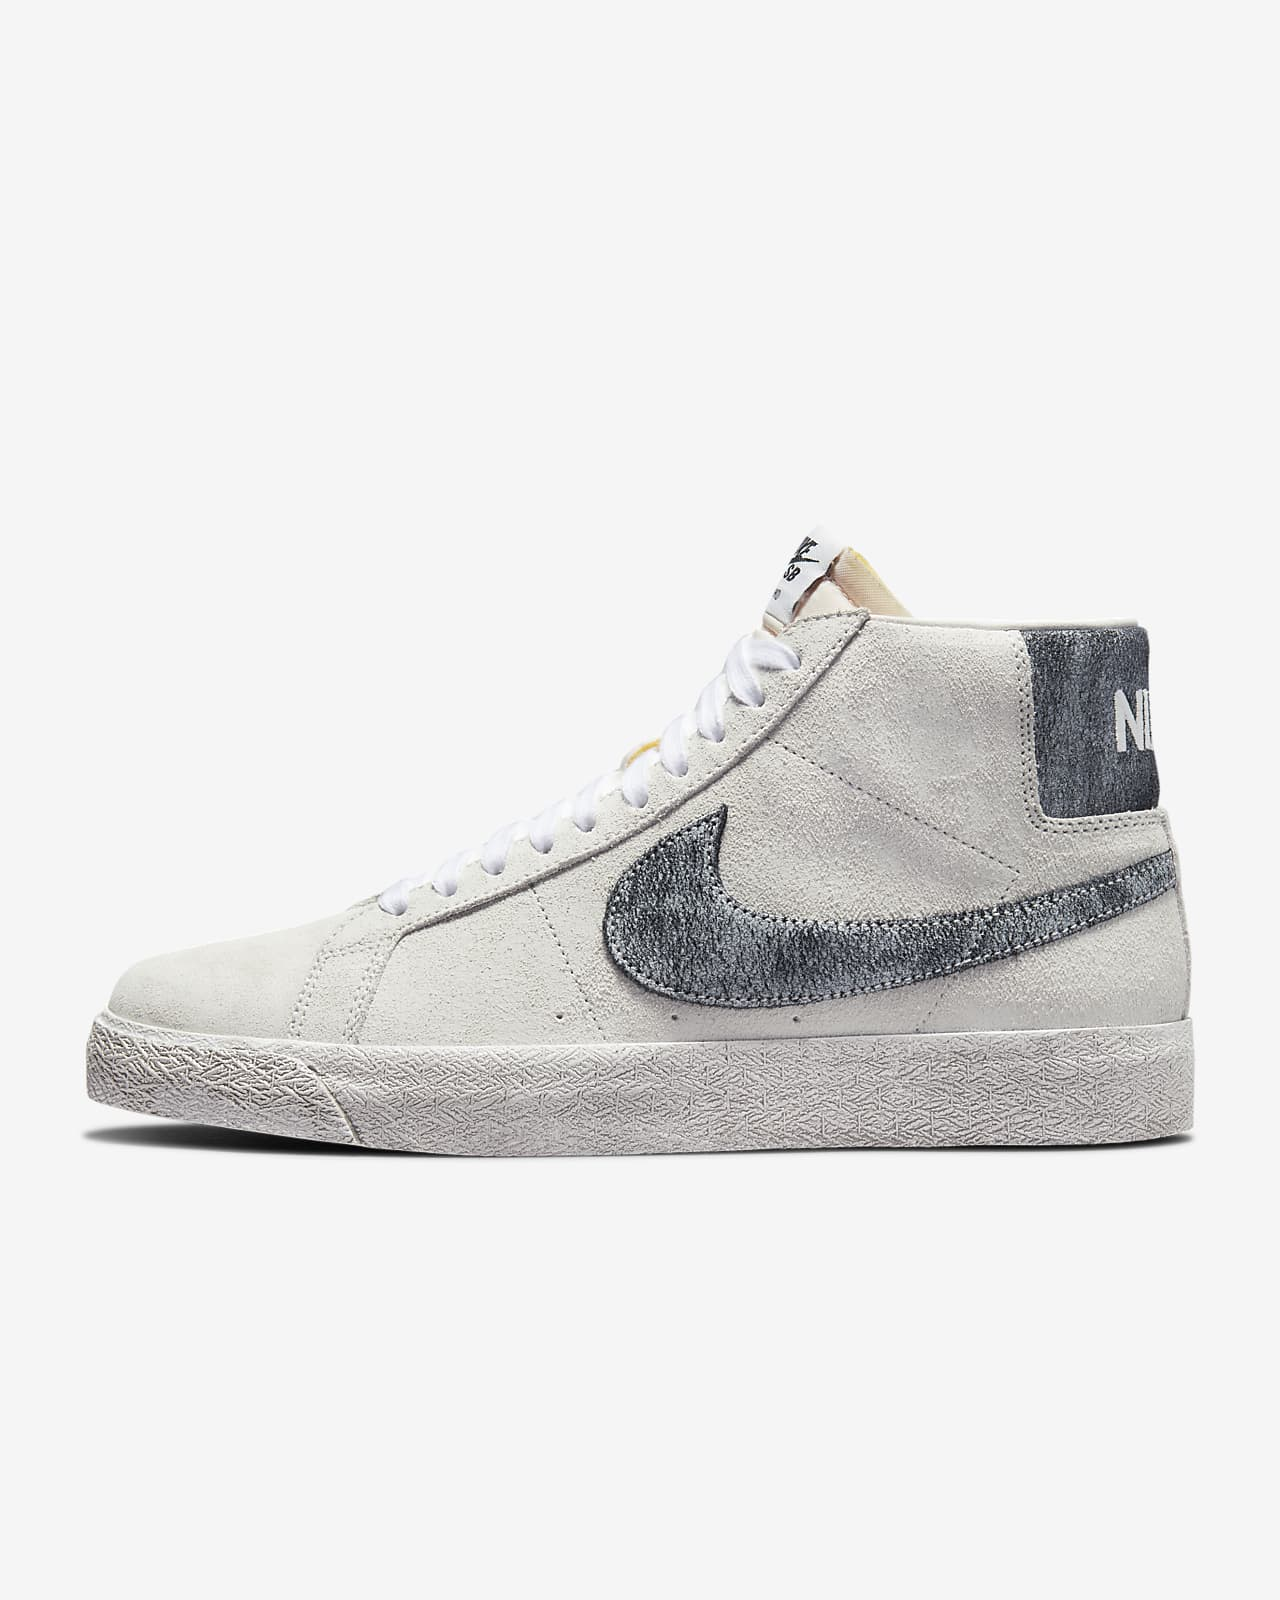 Nike SB Zoom Blazer Mid Premium Skate Shoes